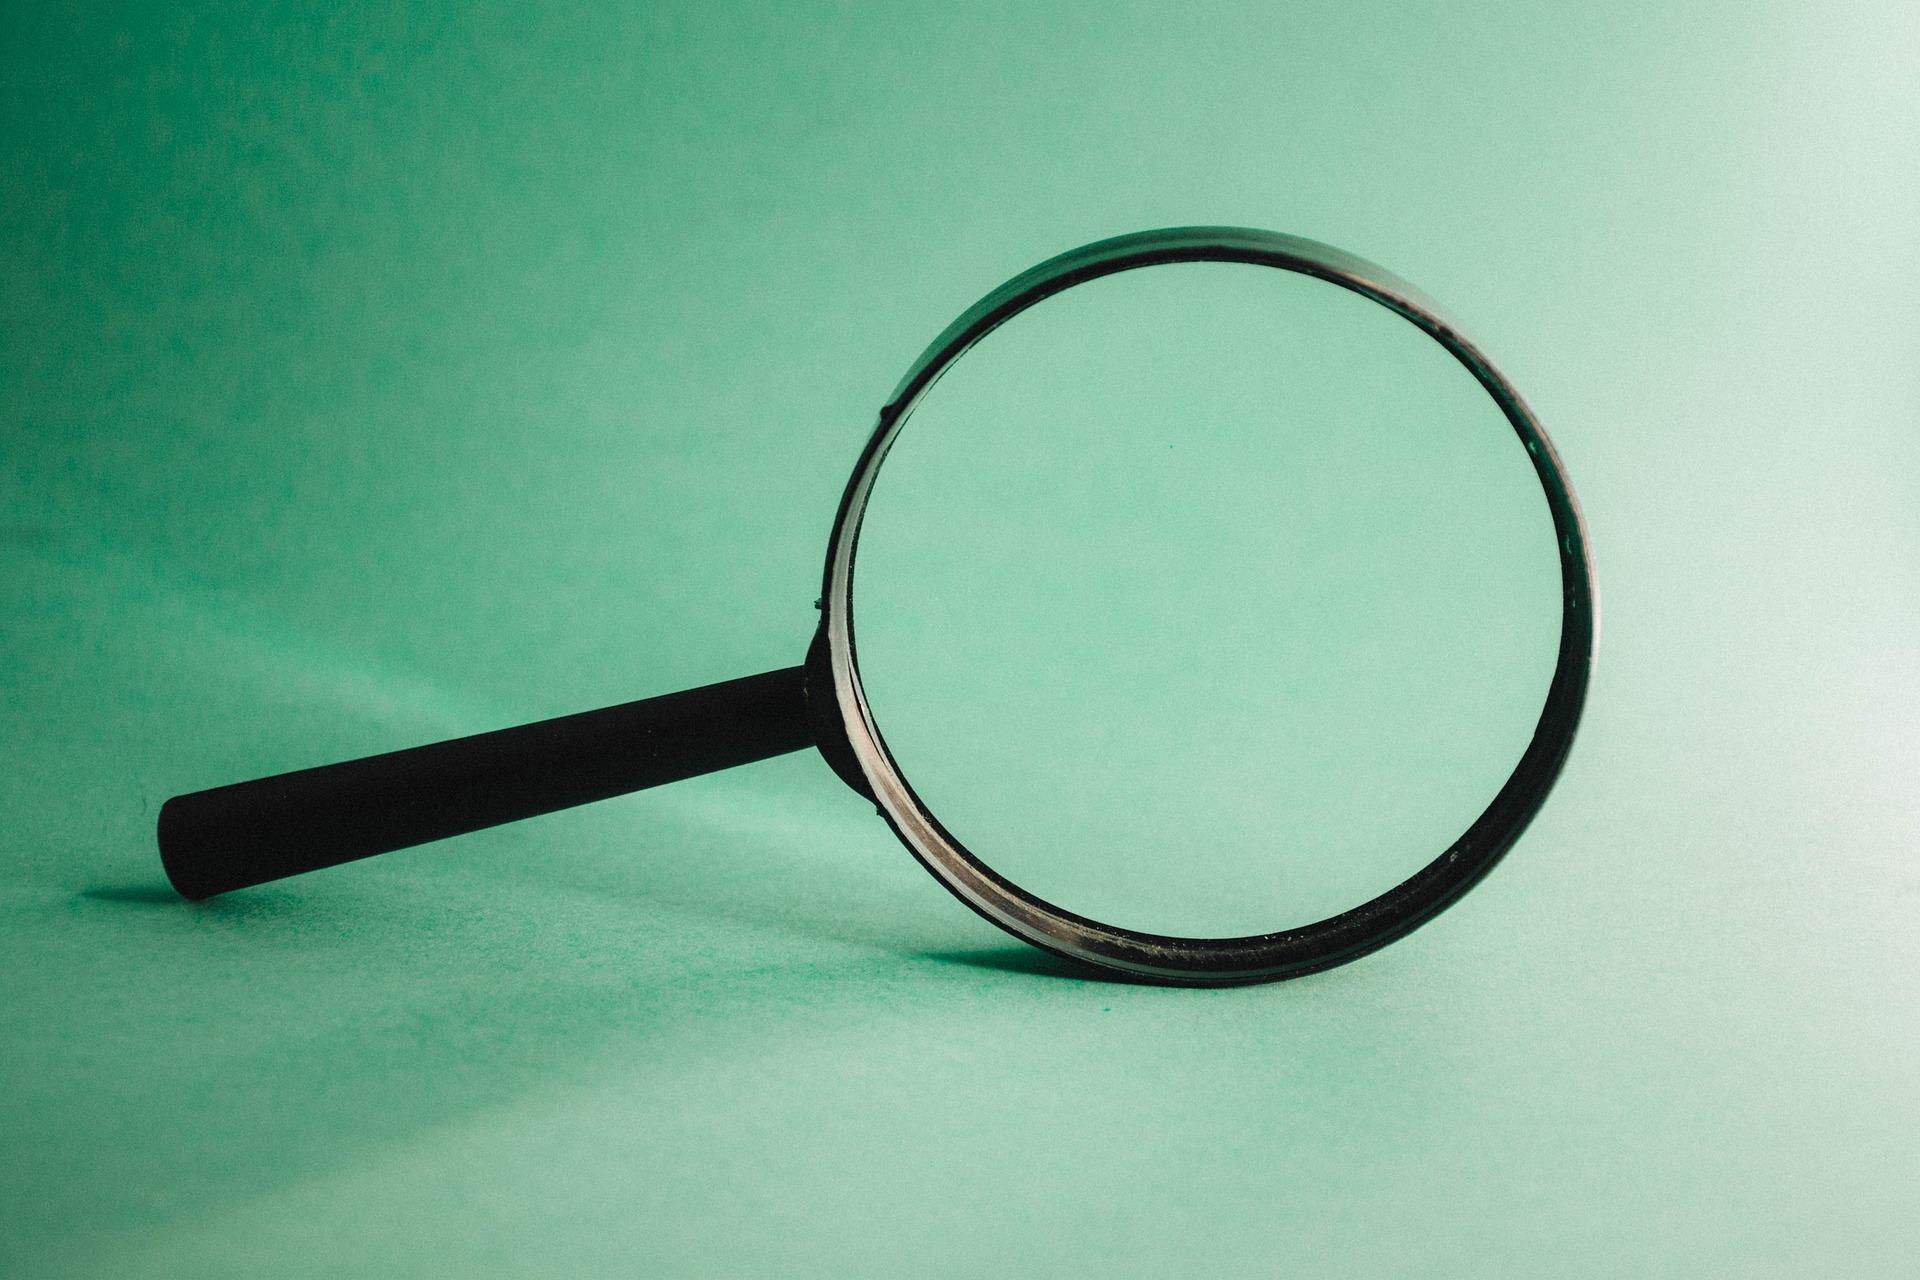 DALL'AUTORITA' PER LA PROTEZIONE DEI DATI DELLA DANIMARCA: Supervisione Dei Consulenti Comunali Per La Protezione Dei Dati